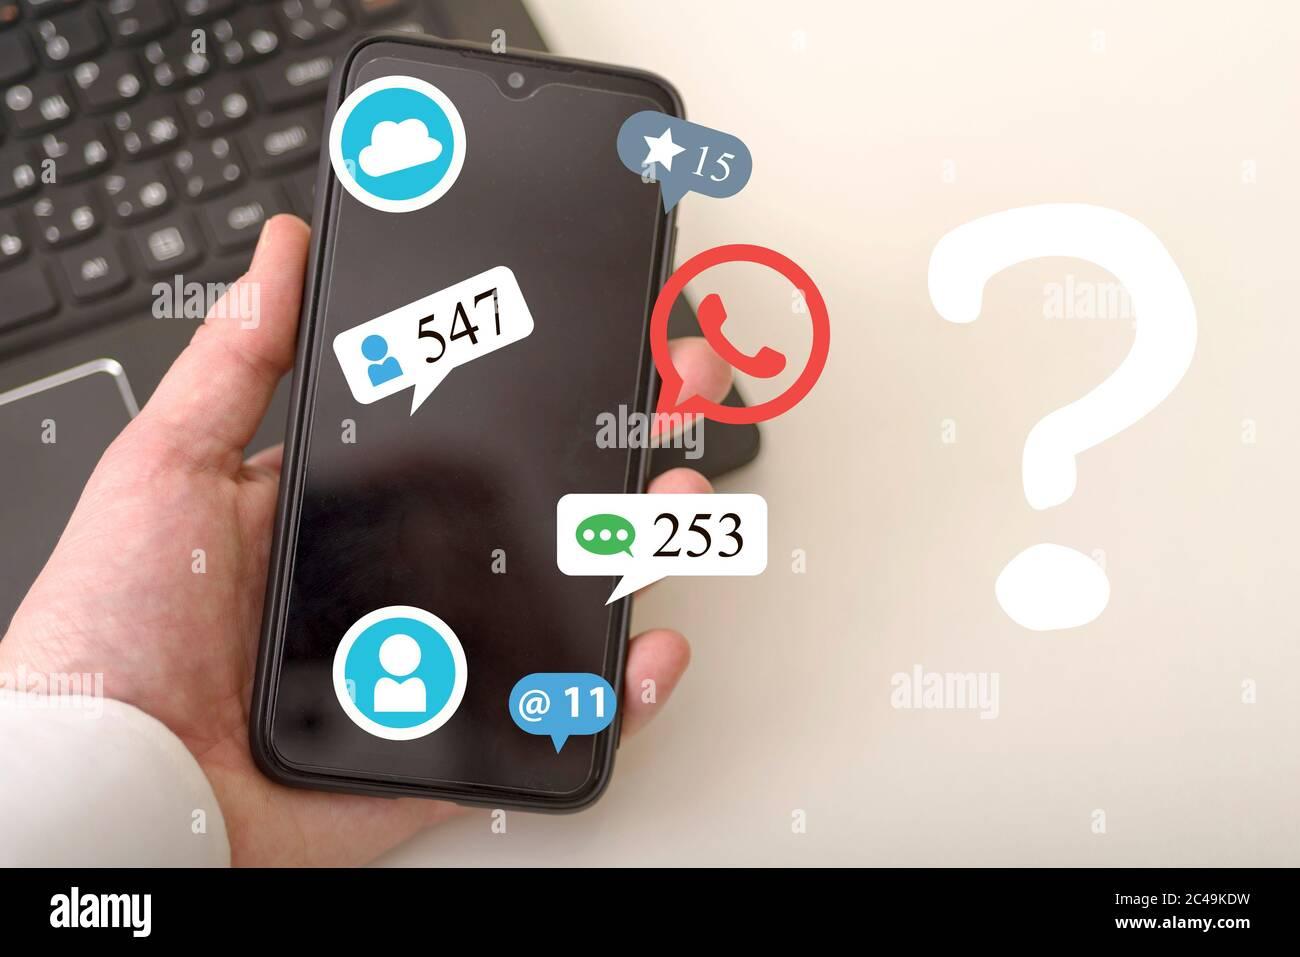 La main utilise un smartphone et un hologramme de diverses icônes, dont un point d'interrogation. Concepts de réseaux sociaux. Banque D'Images